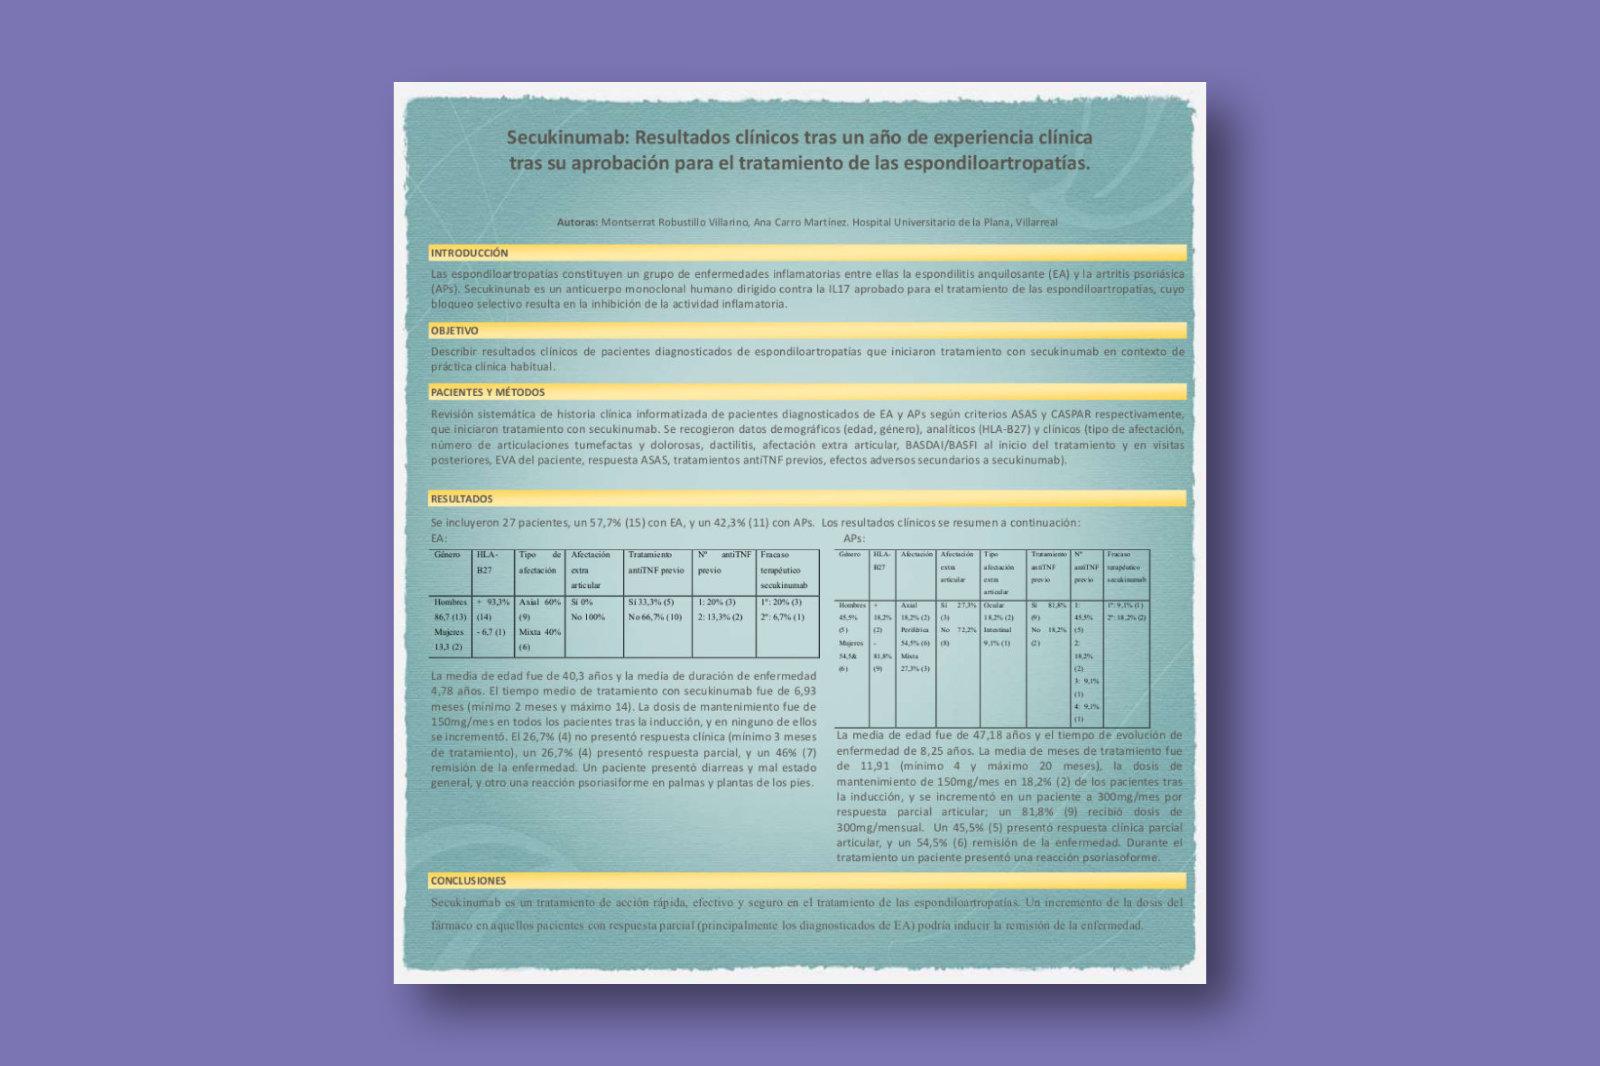 Secukinumab: resultados clínicos tras un año de experiencia clínica tras su aprobación para el tratamiento de las Espondiloartropatías